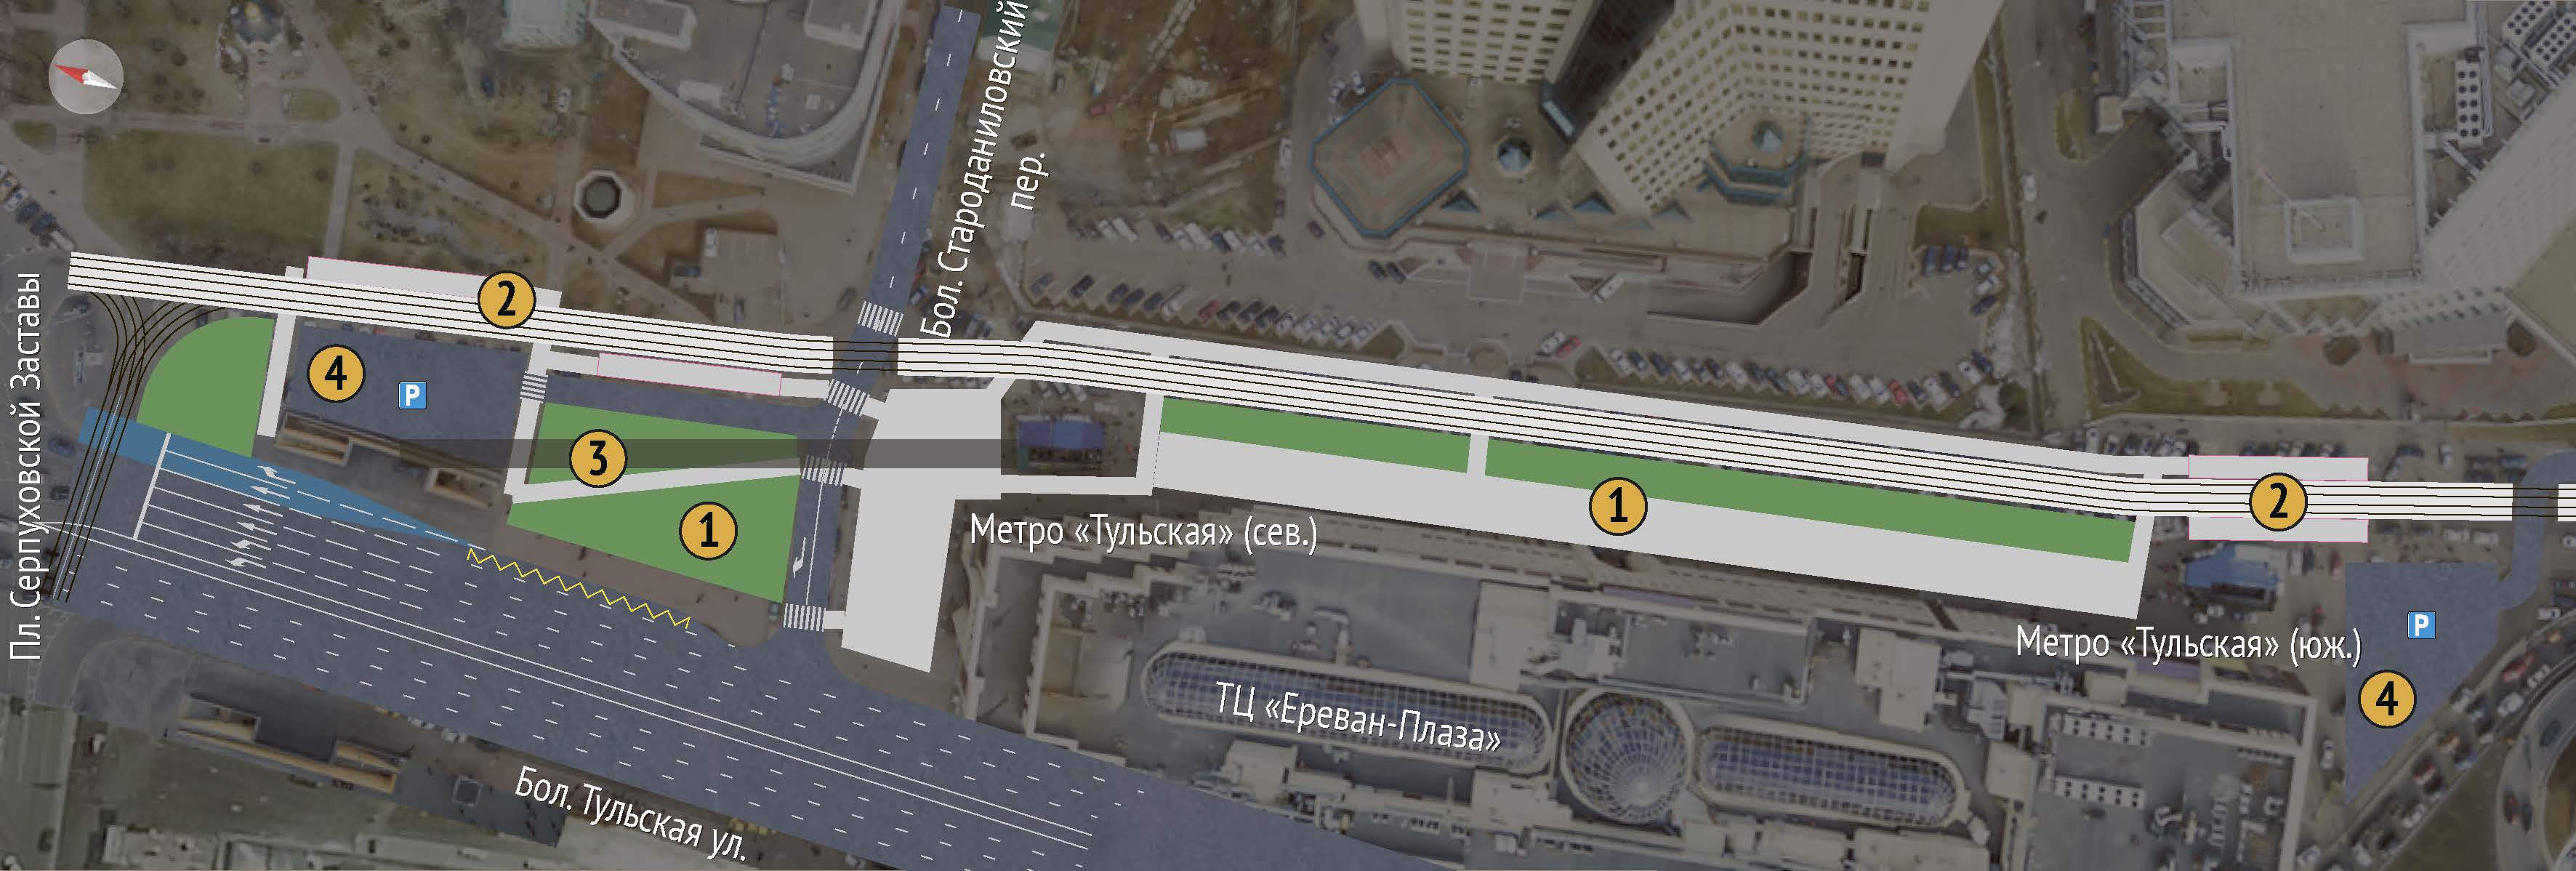 самаркандский пассажирский лифт инструкции по ремонту